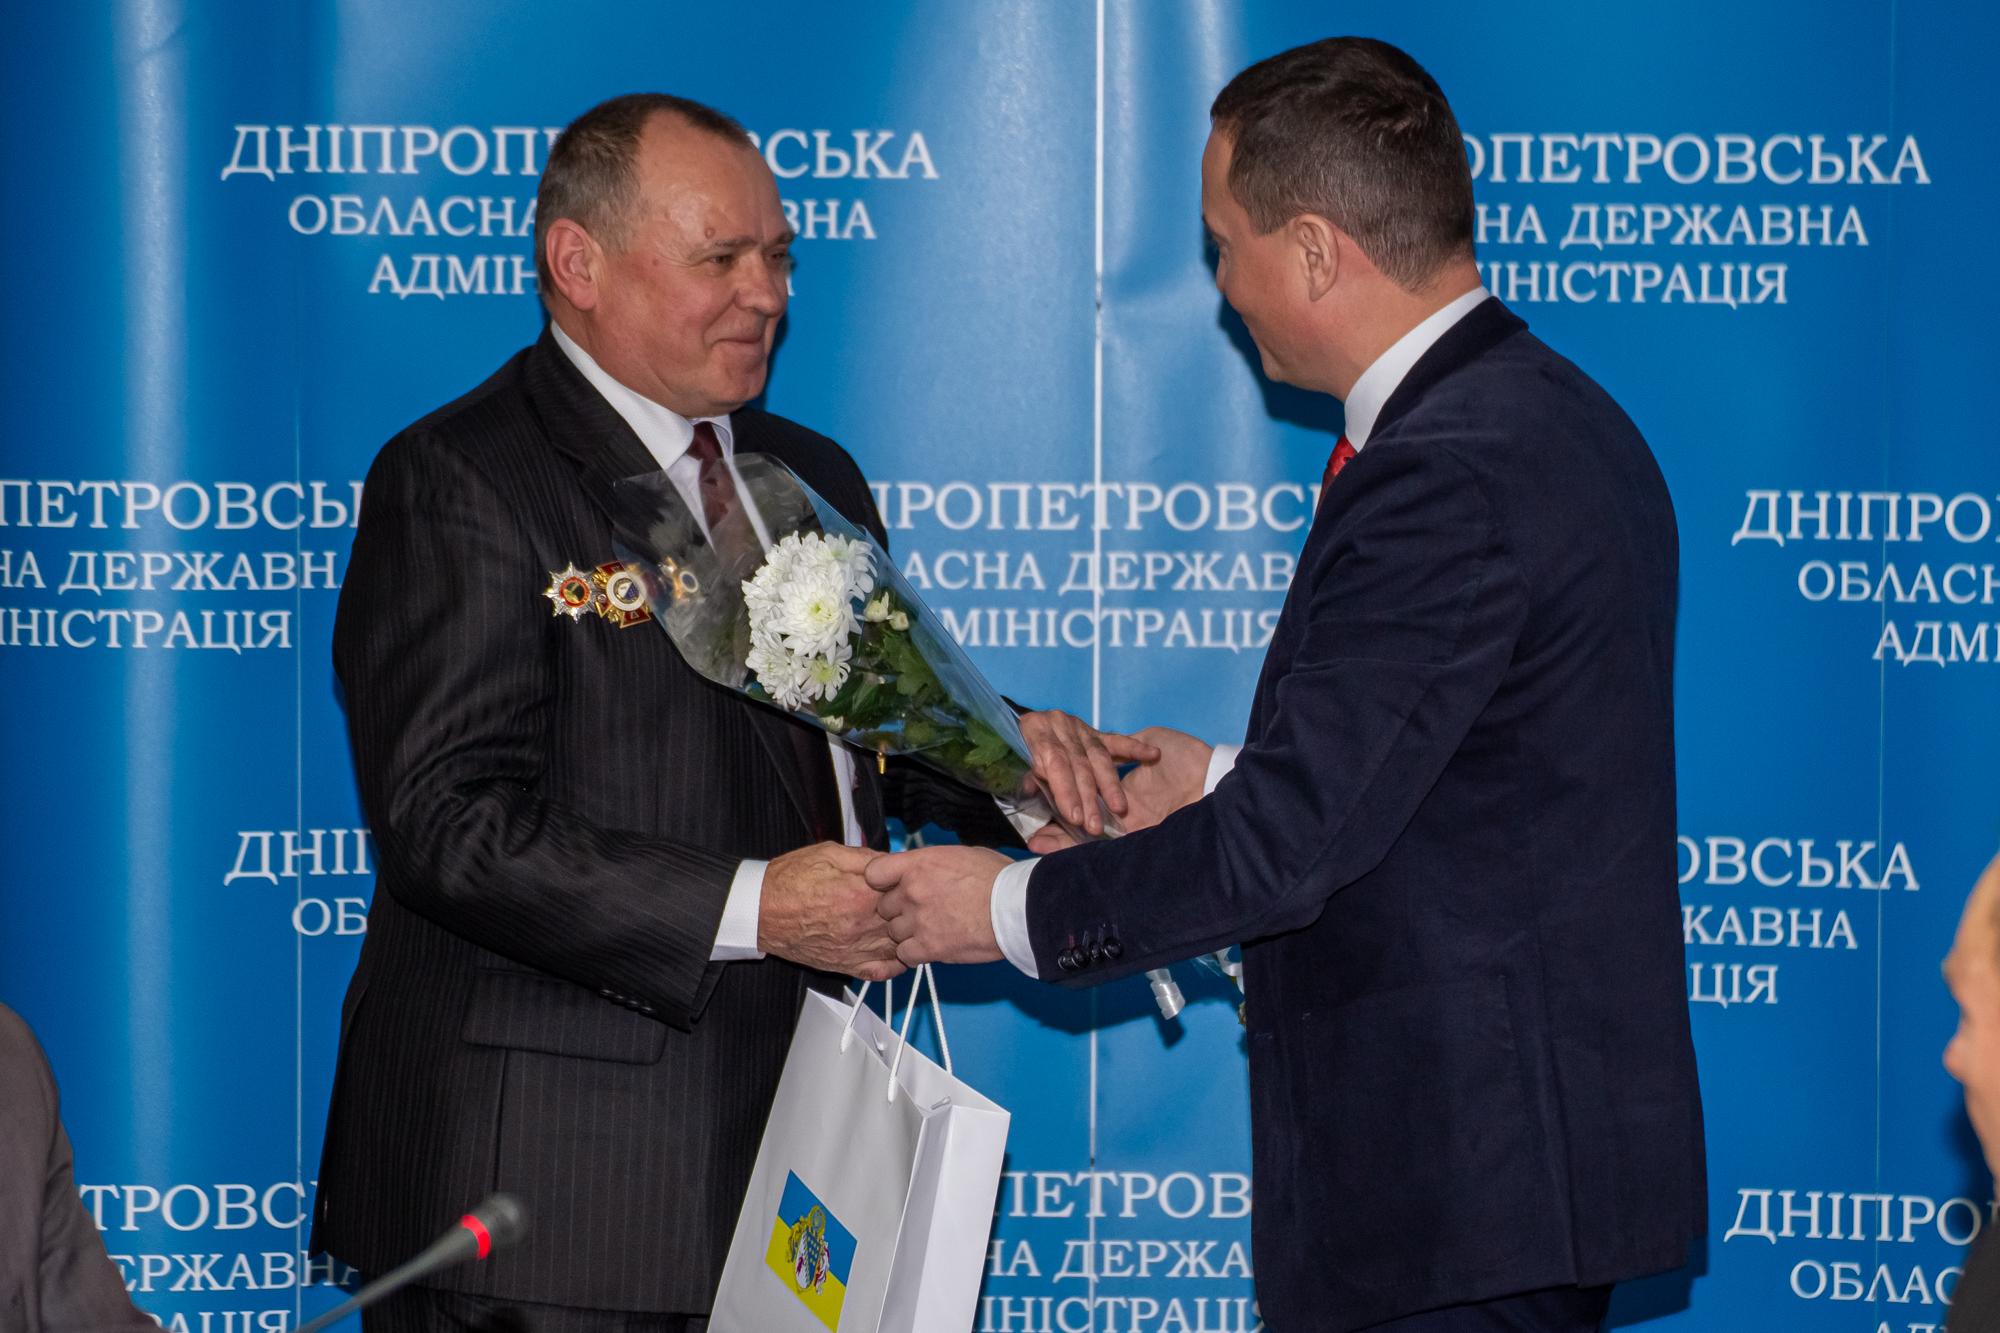 Нагороди отримали шестеро «чорнобильців»